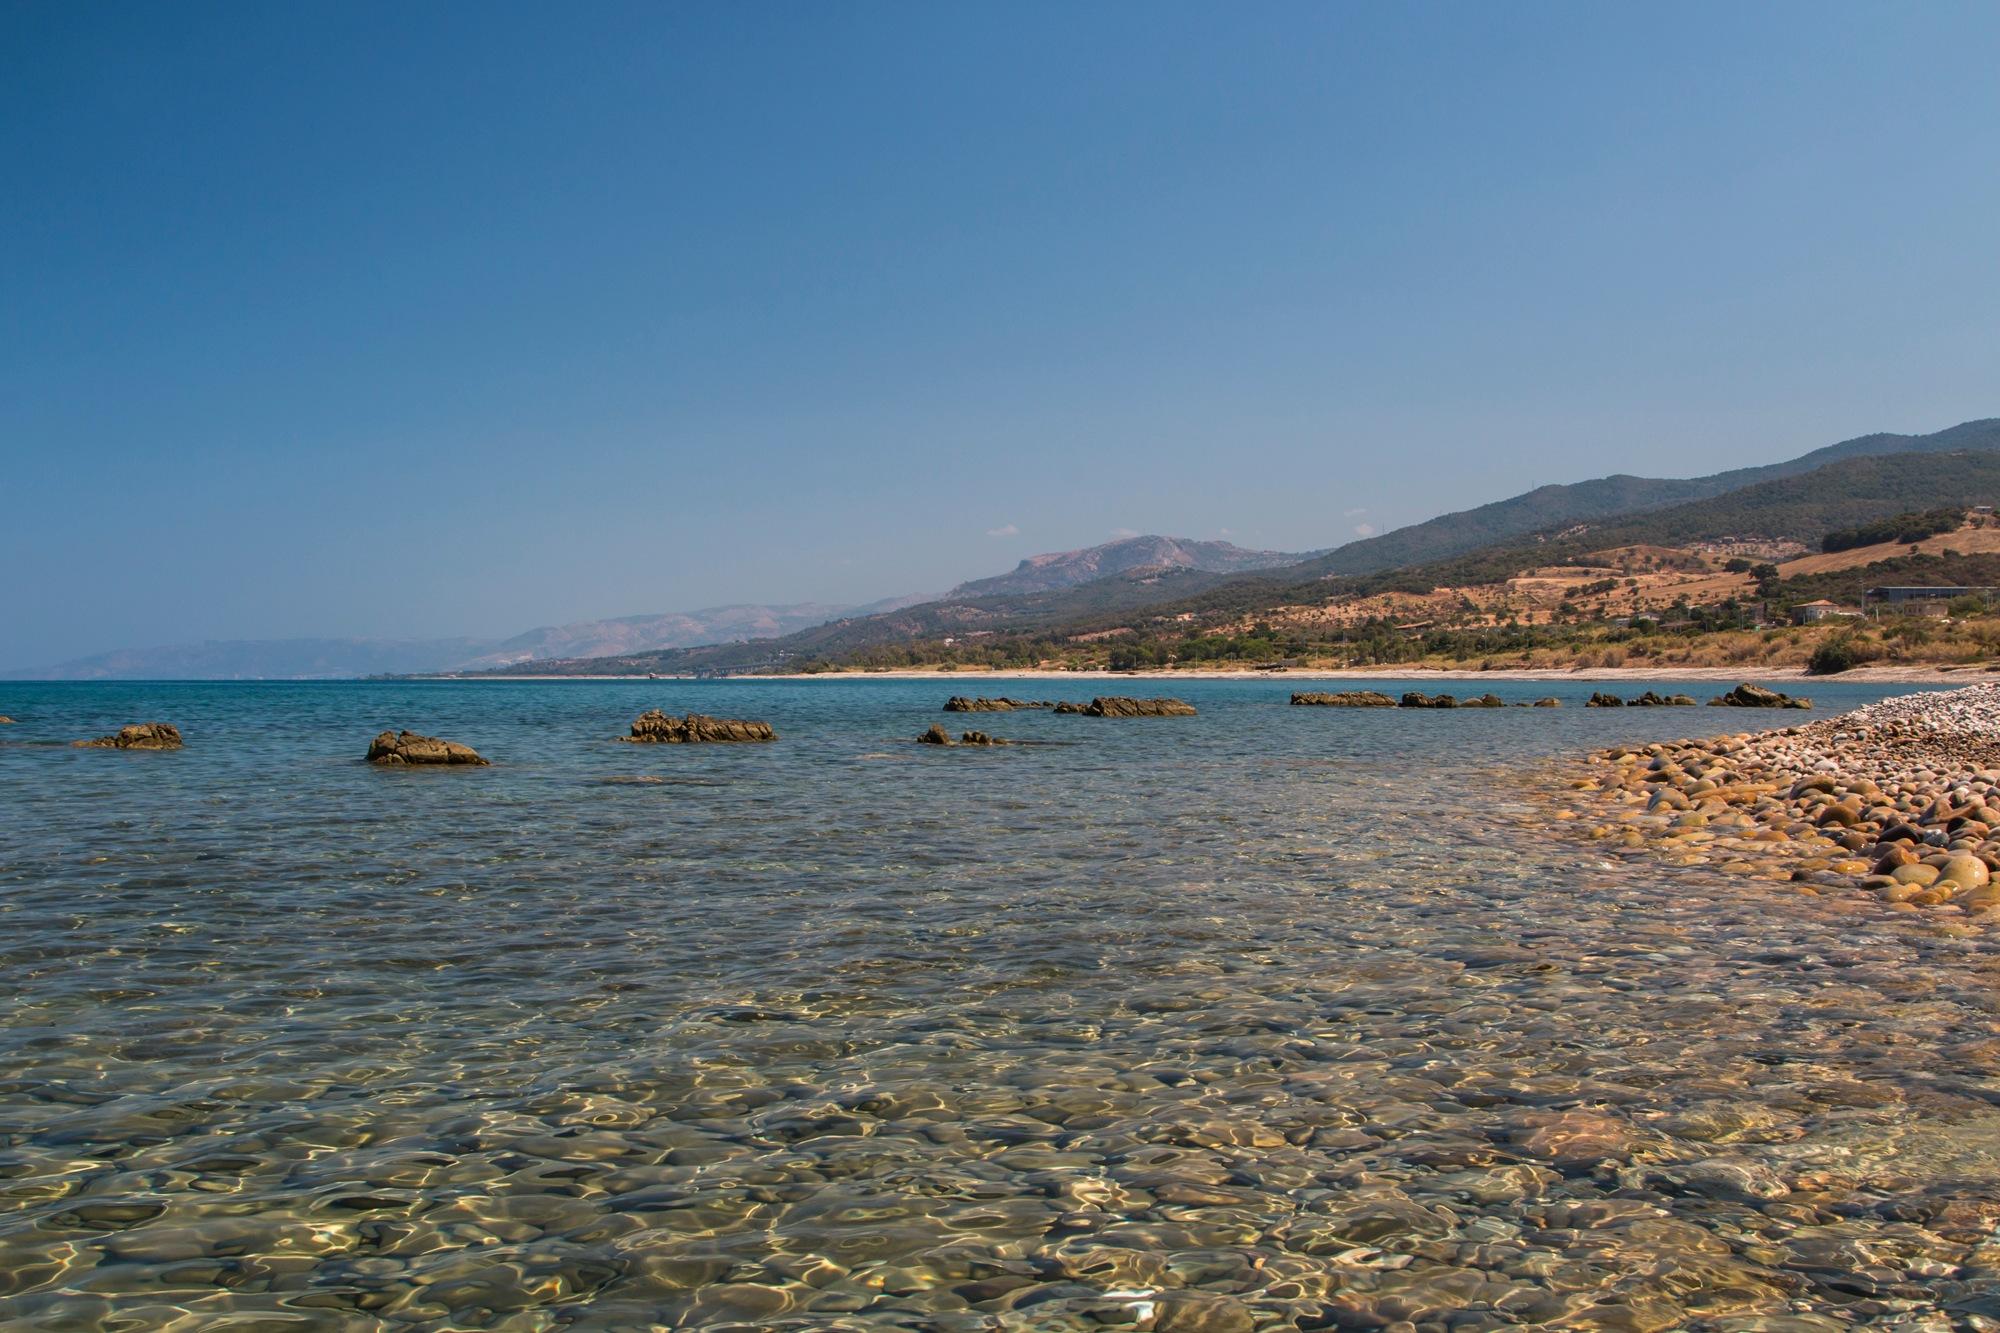 Mare di Sicilia by Sandra Scarmignan